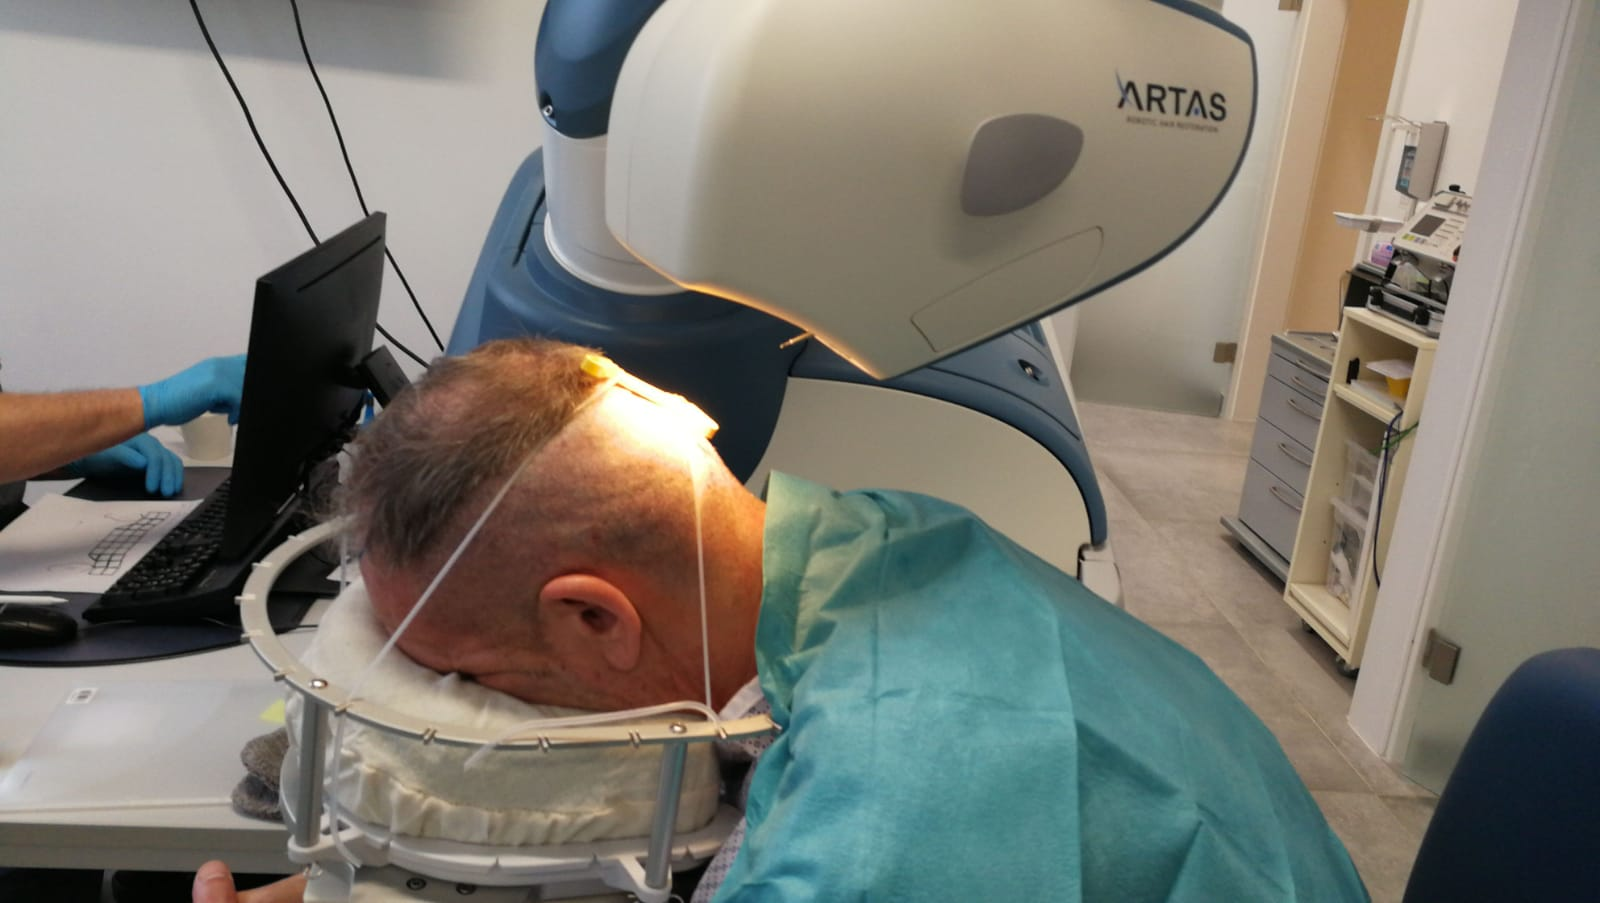 ARTAS-Haar-Roboter bei der Haarentnahme